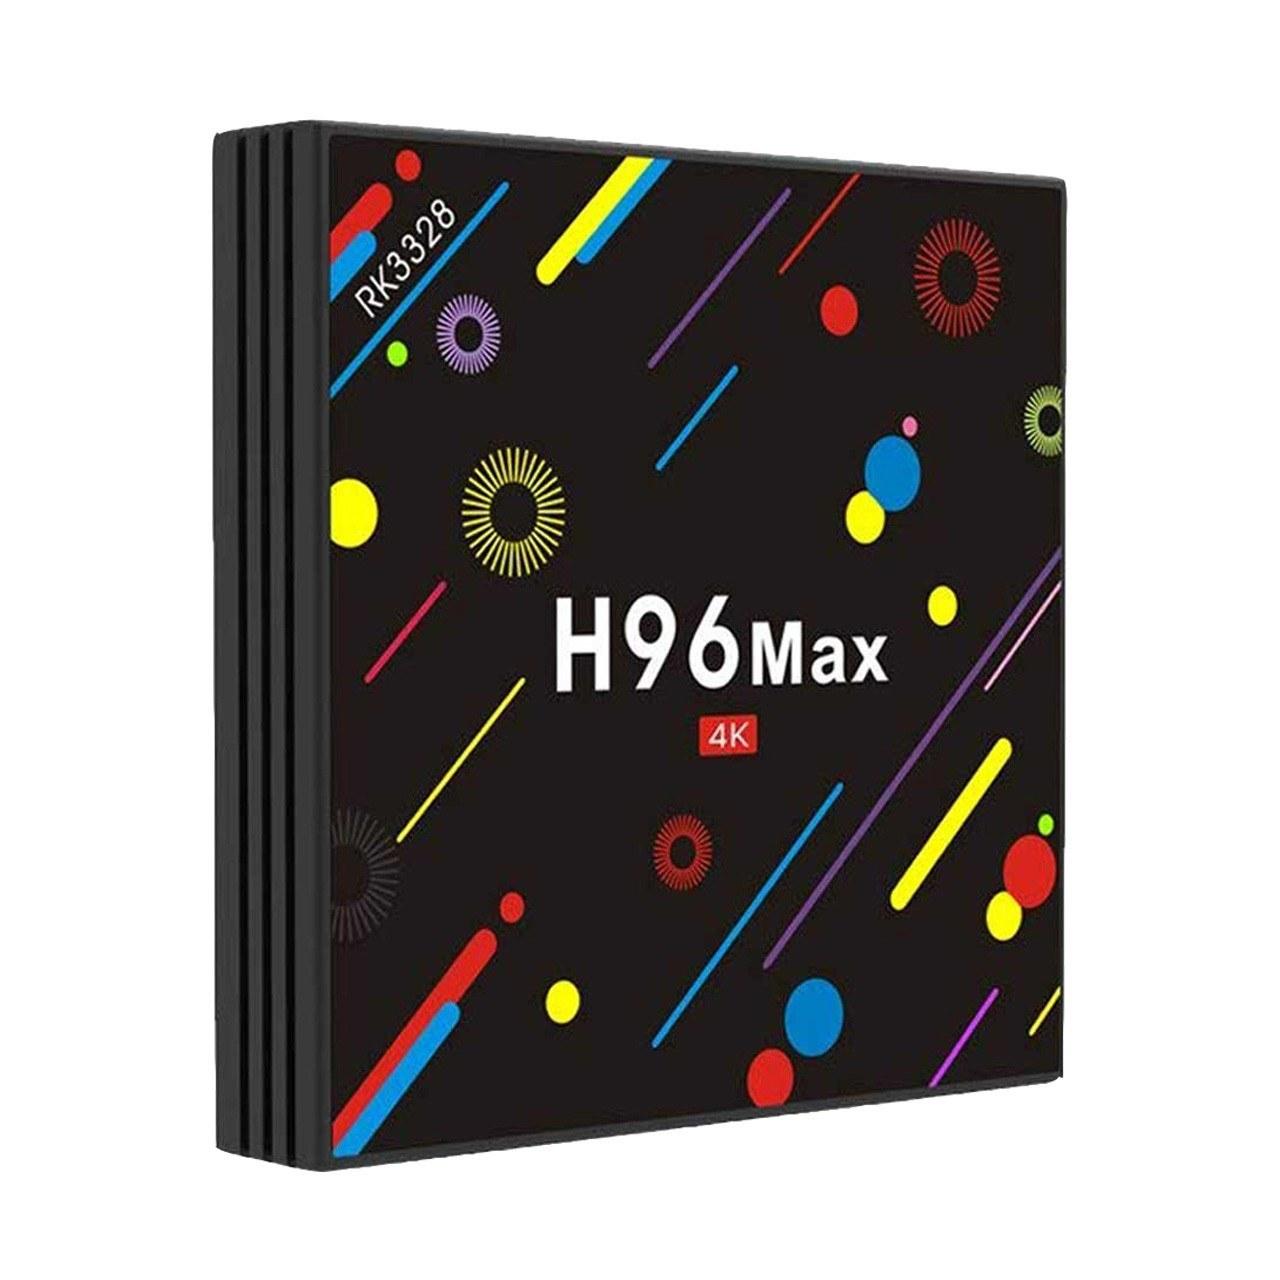 تصویر مینی کامپیوتر اندروید H96 MAX 4K سری H2